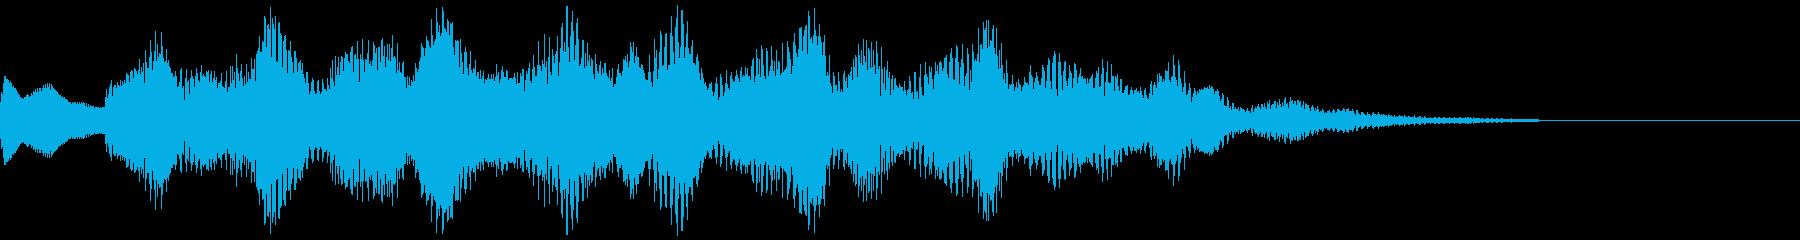 クールな印象のSEの再生済みの波形